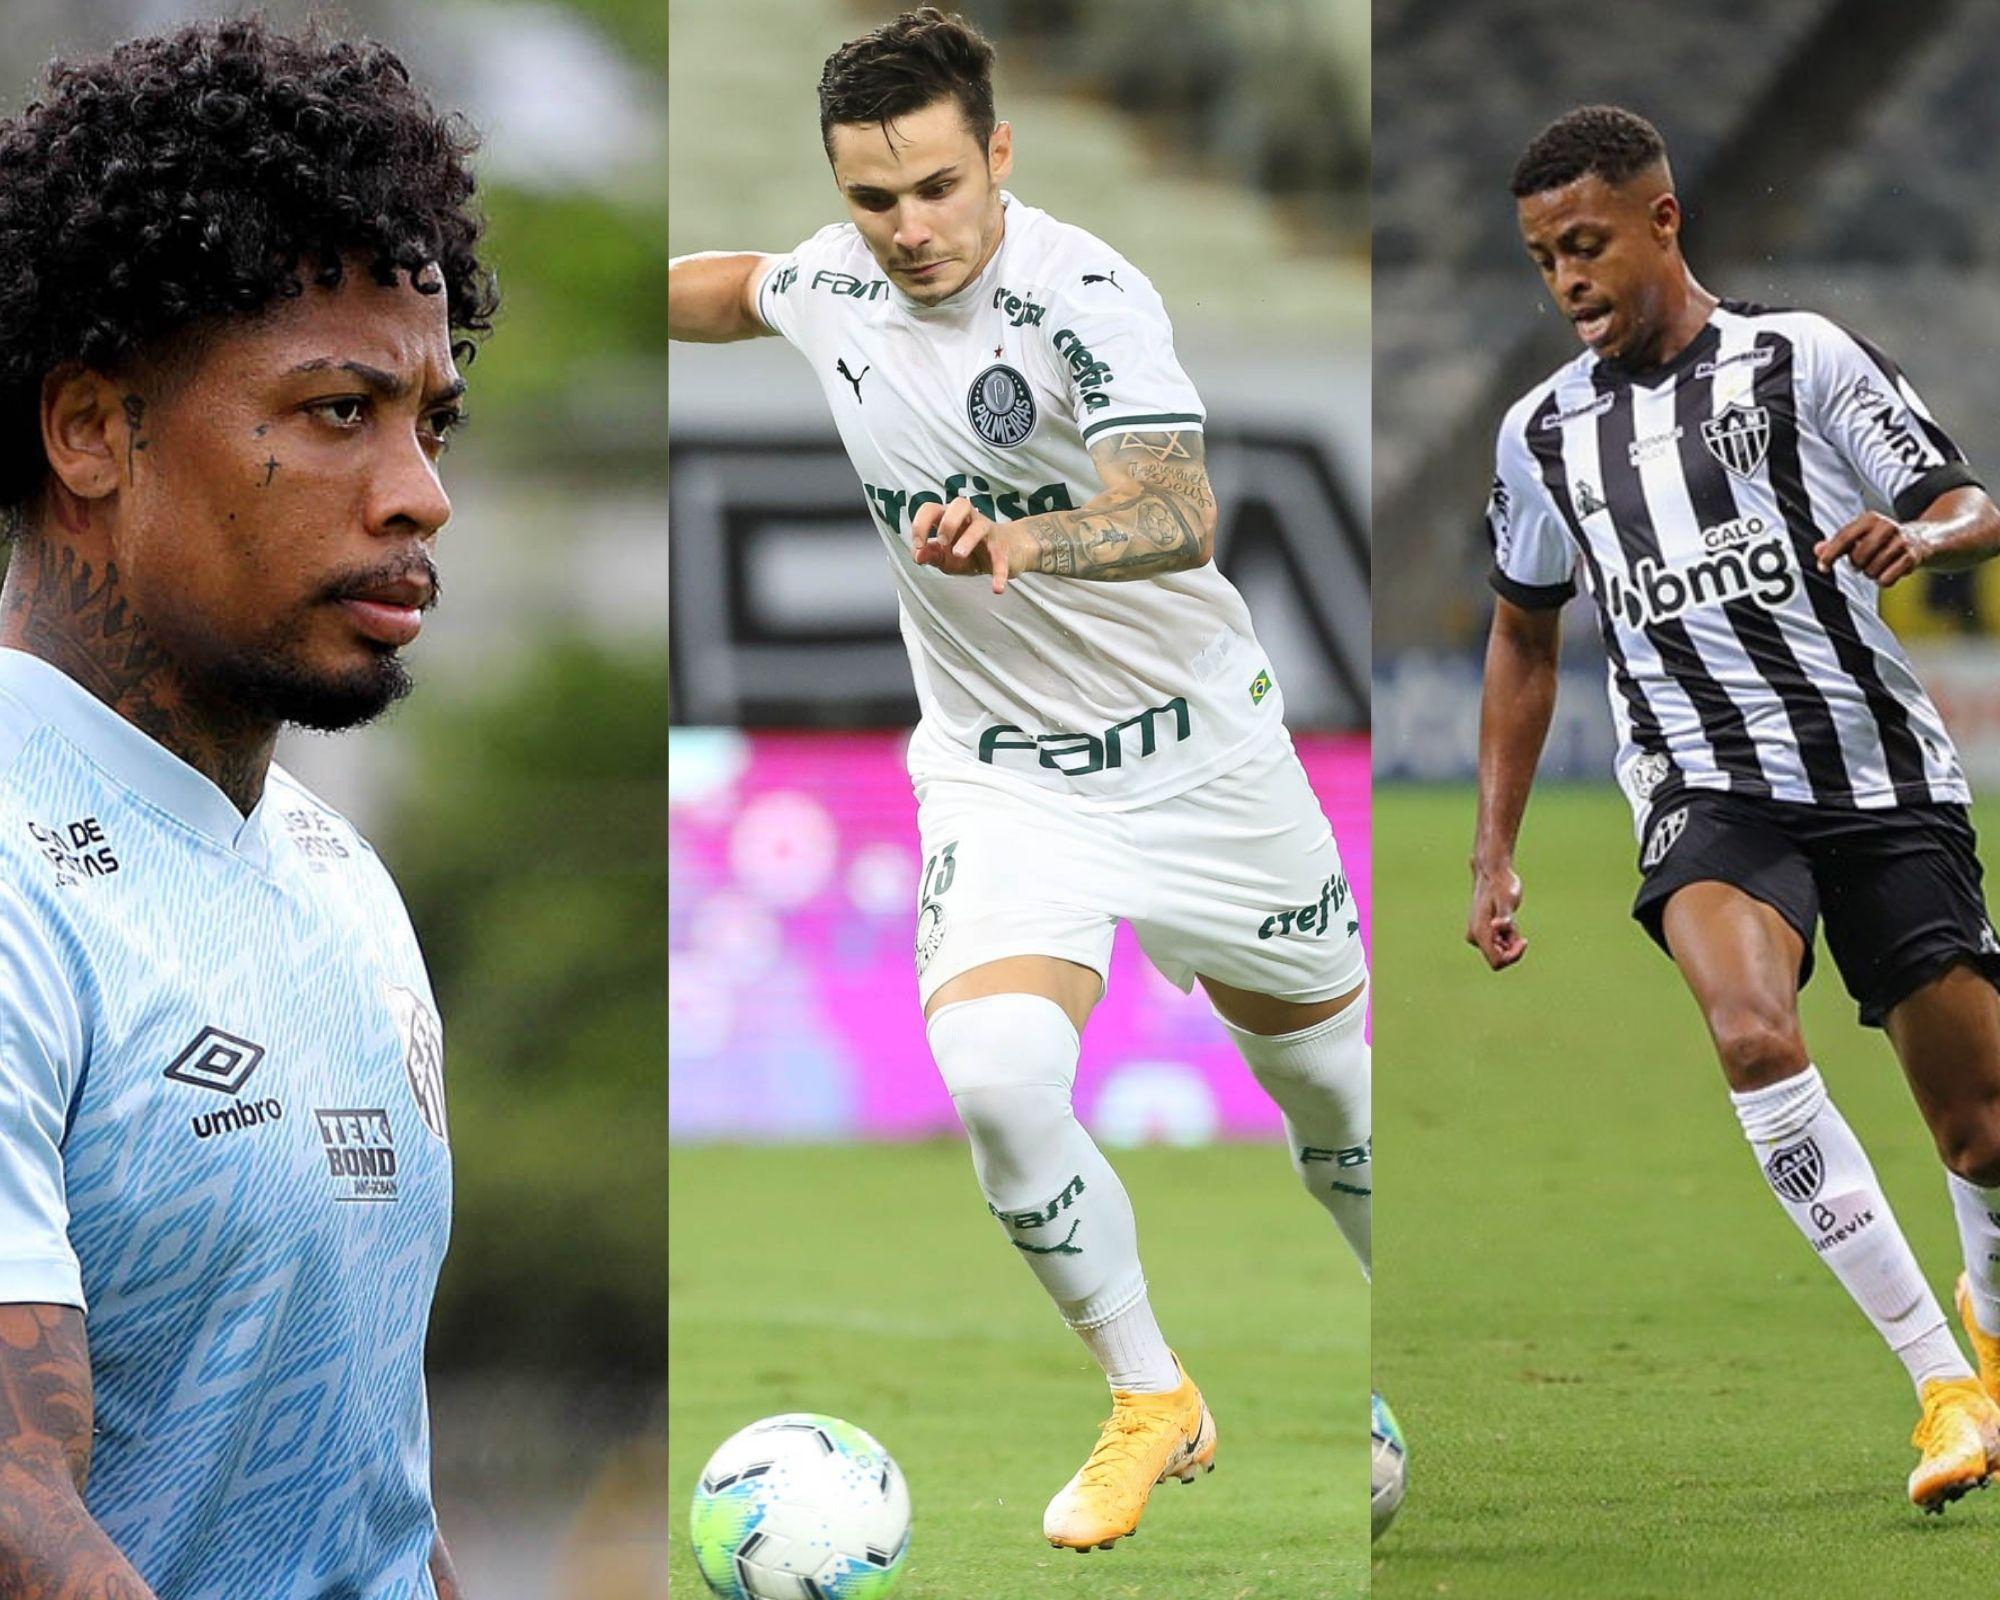 Imagem mostra jogadores que são dicas de capitães para o Cartola FC.